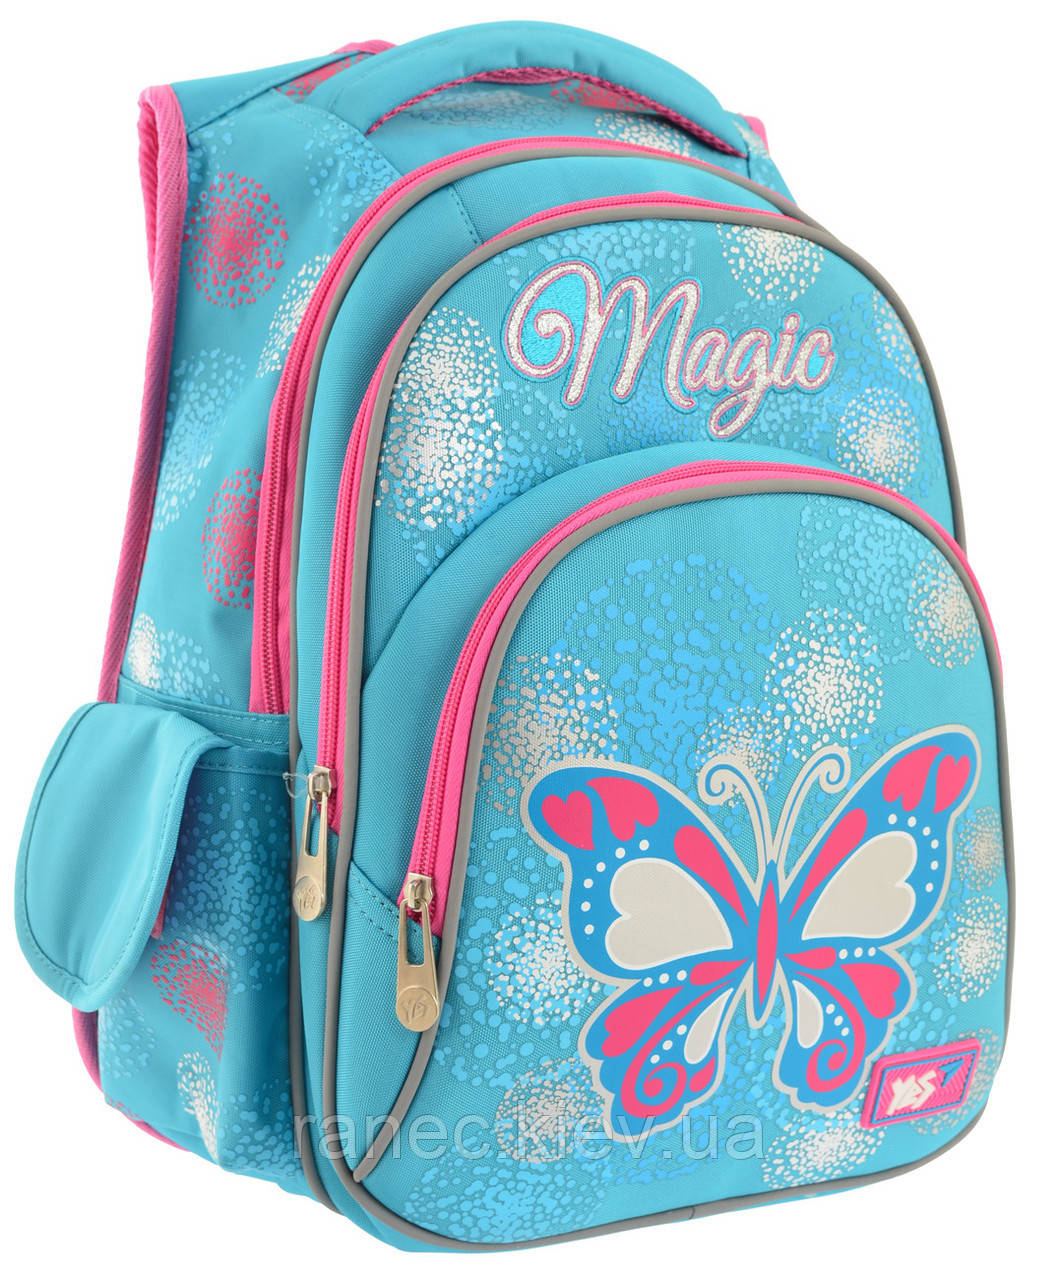 Рюкзак школьный S-27 Magic 557135 Yes